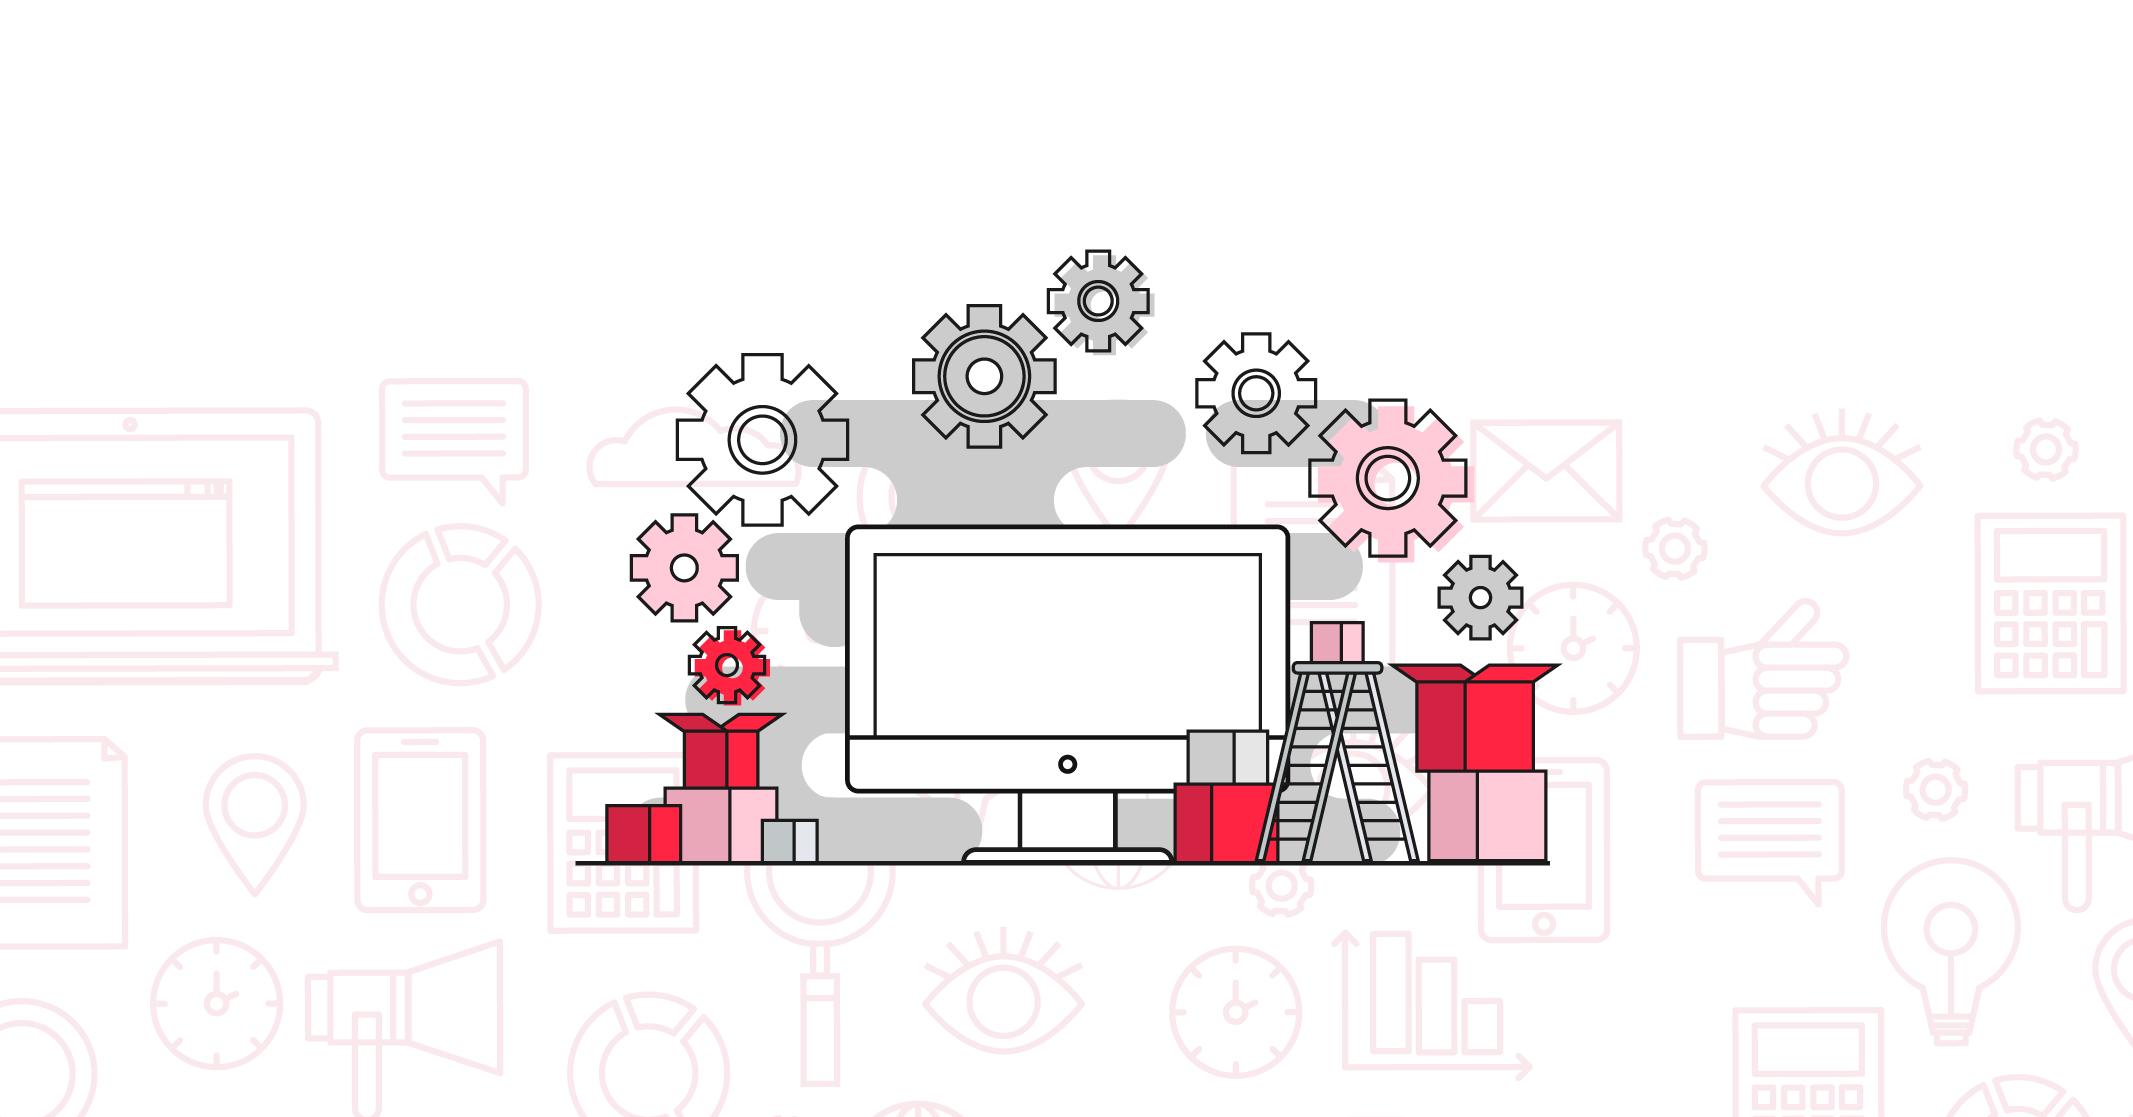 Mis herramientas recomendadas para construir páginas web: mejores plugins y softwares